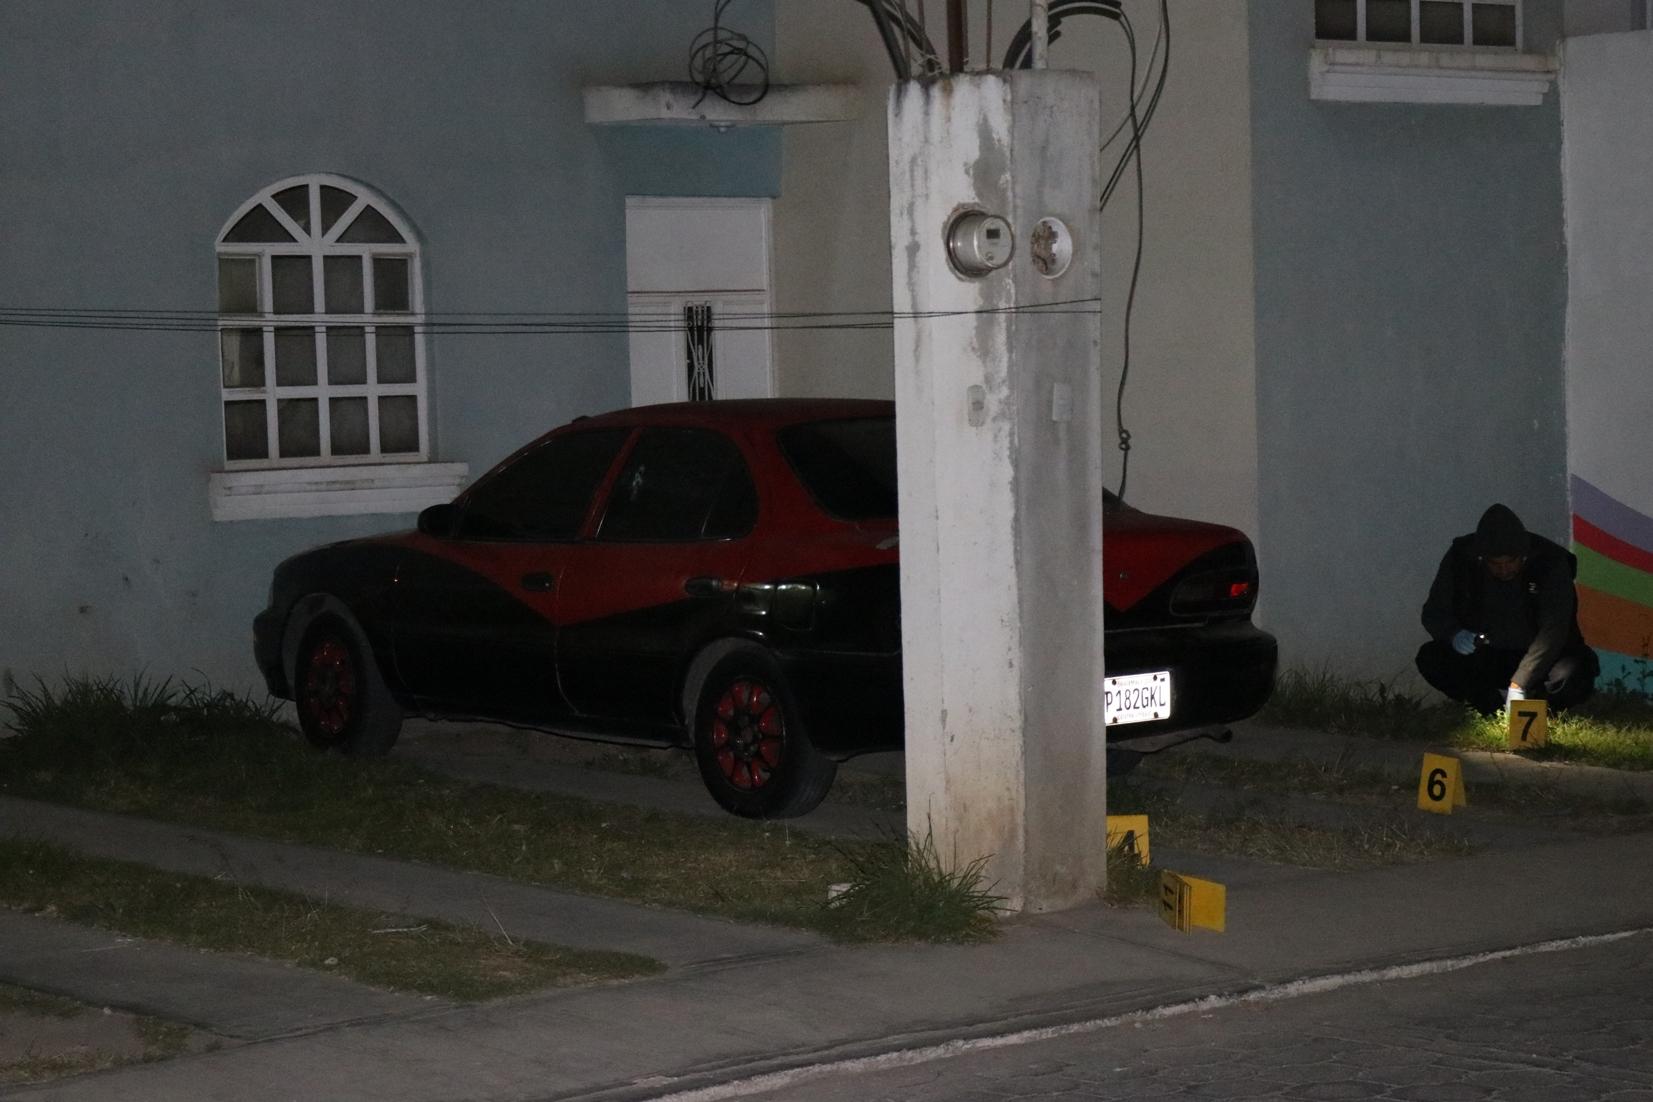 Investigadores del MP recolectan evidencias  en donde estaba estacionado el vehículo. (Foto Prensa Libre: María Longo).